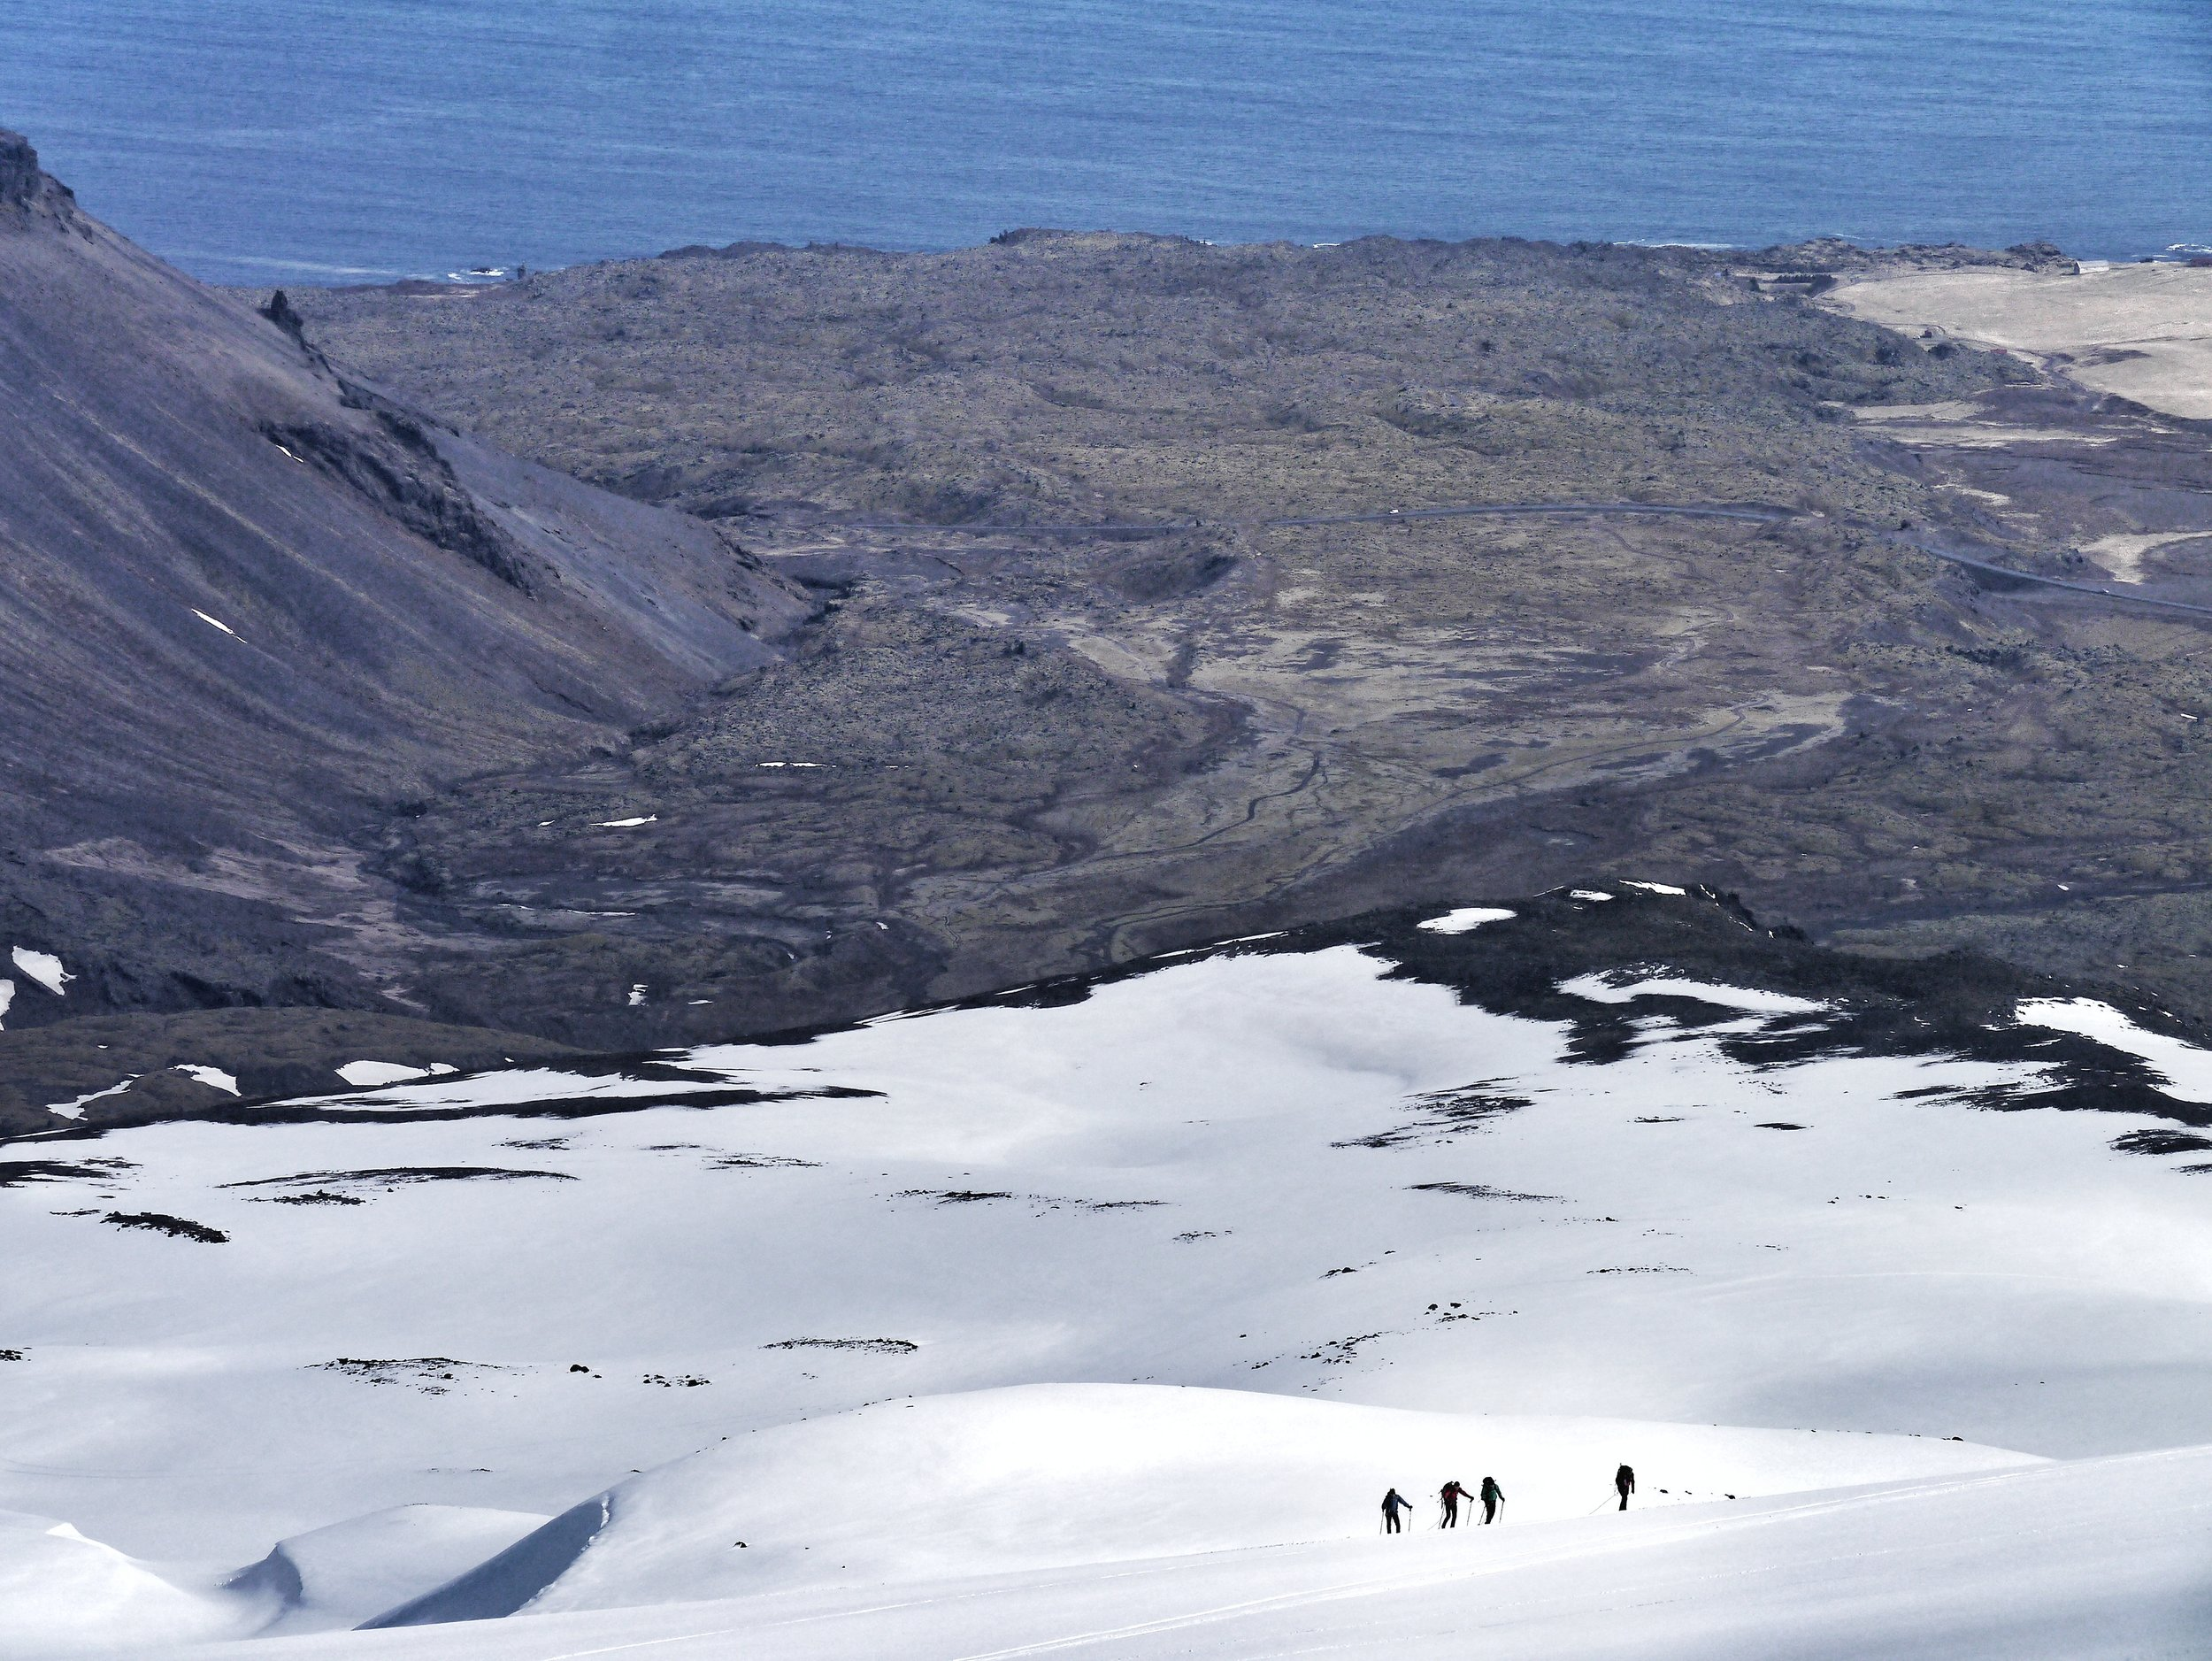 Hiking on snæfellsnes peninsula